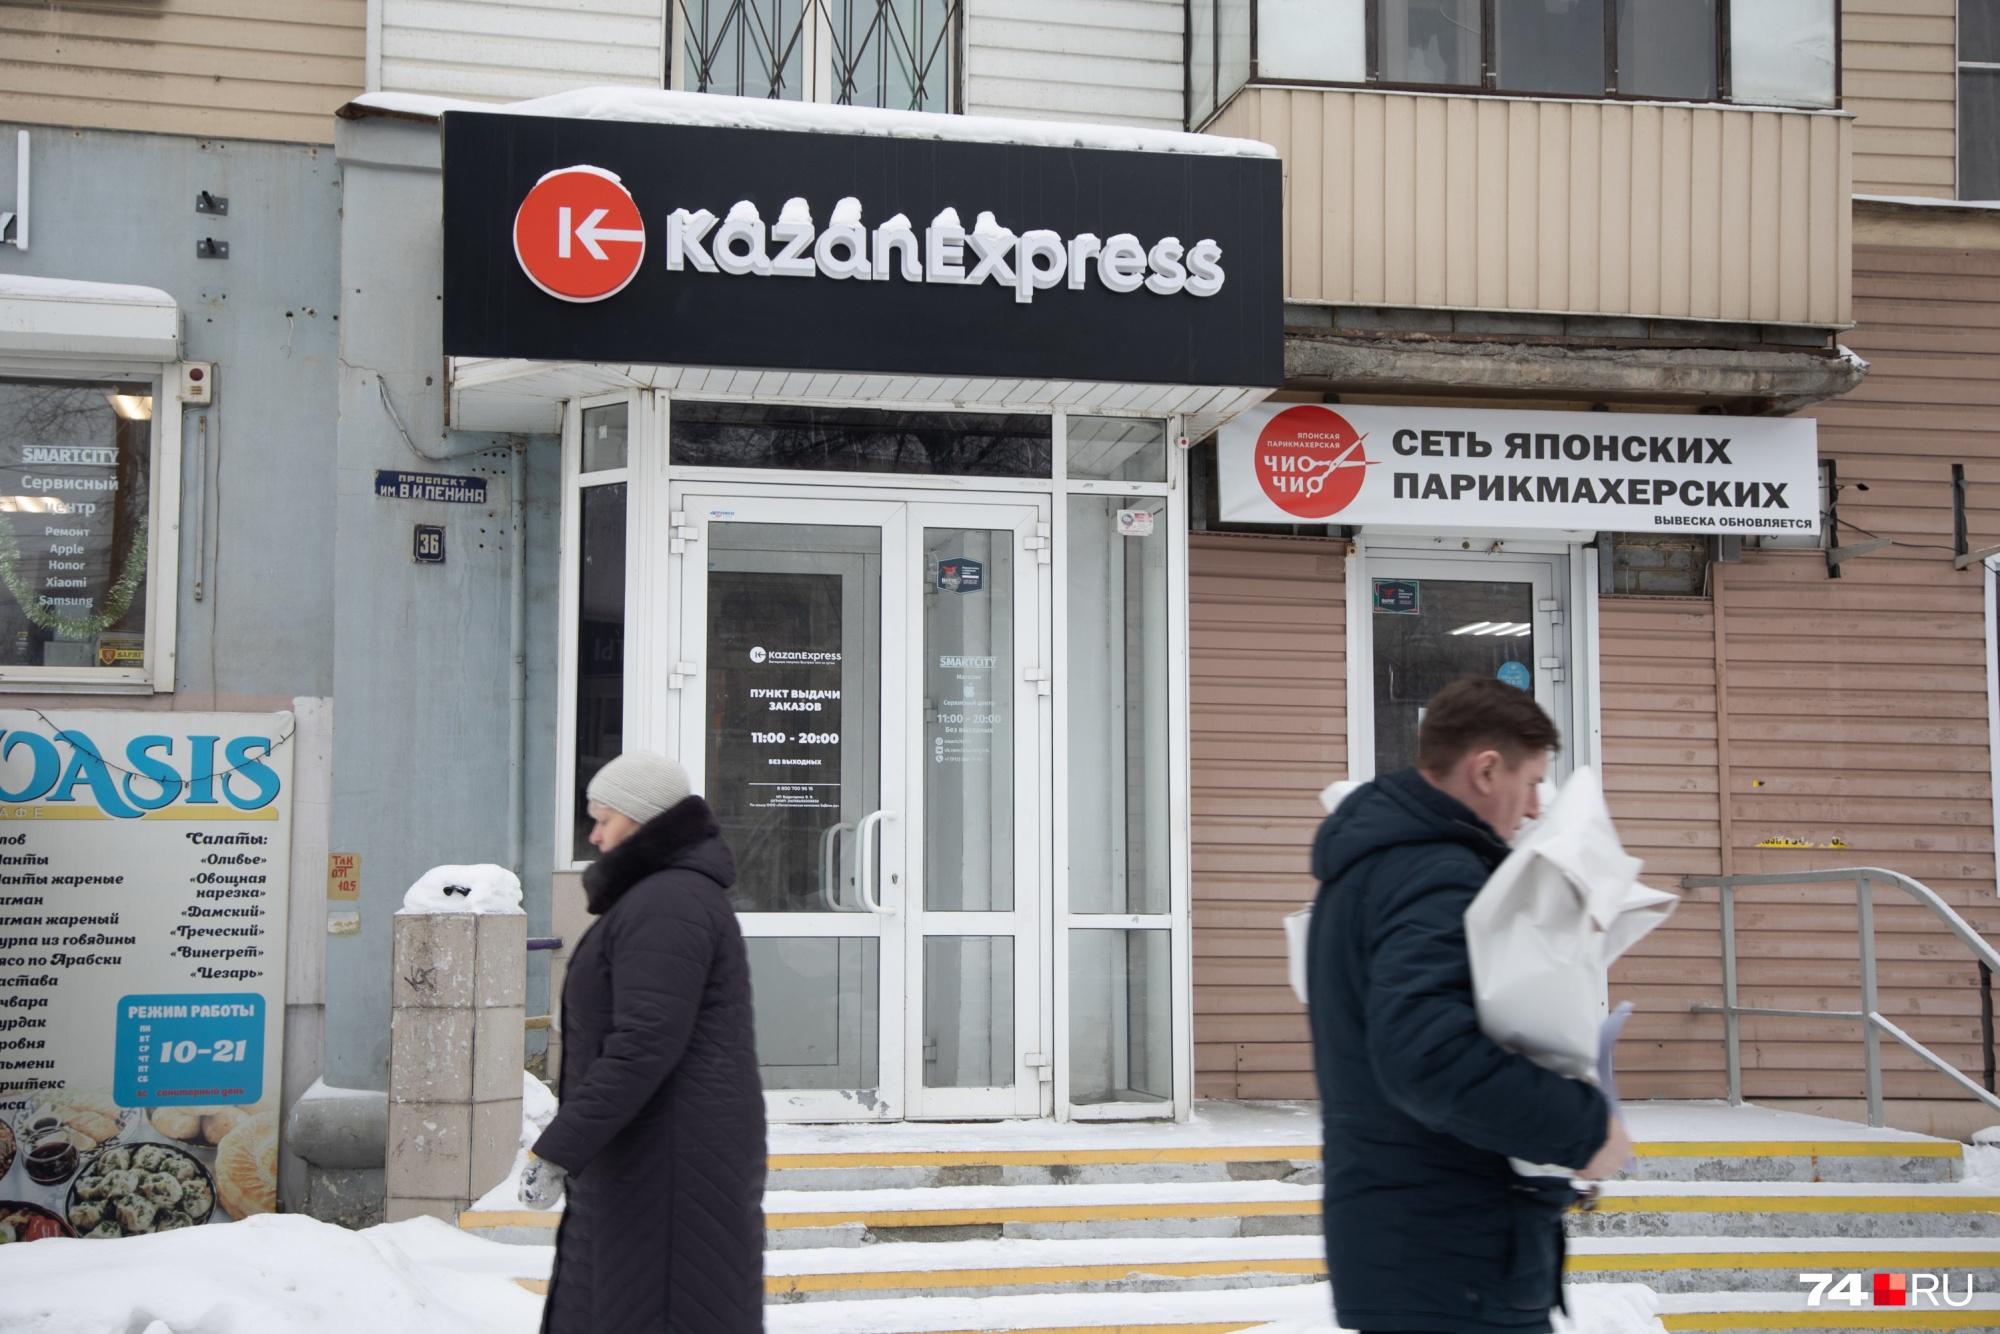 Компания из Казани пытается стать аналогом Amazon и AliExpress в России